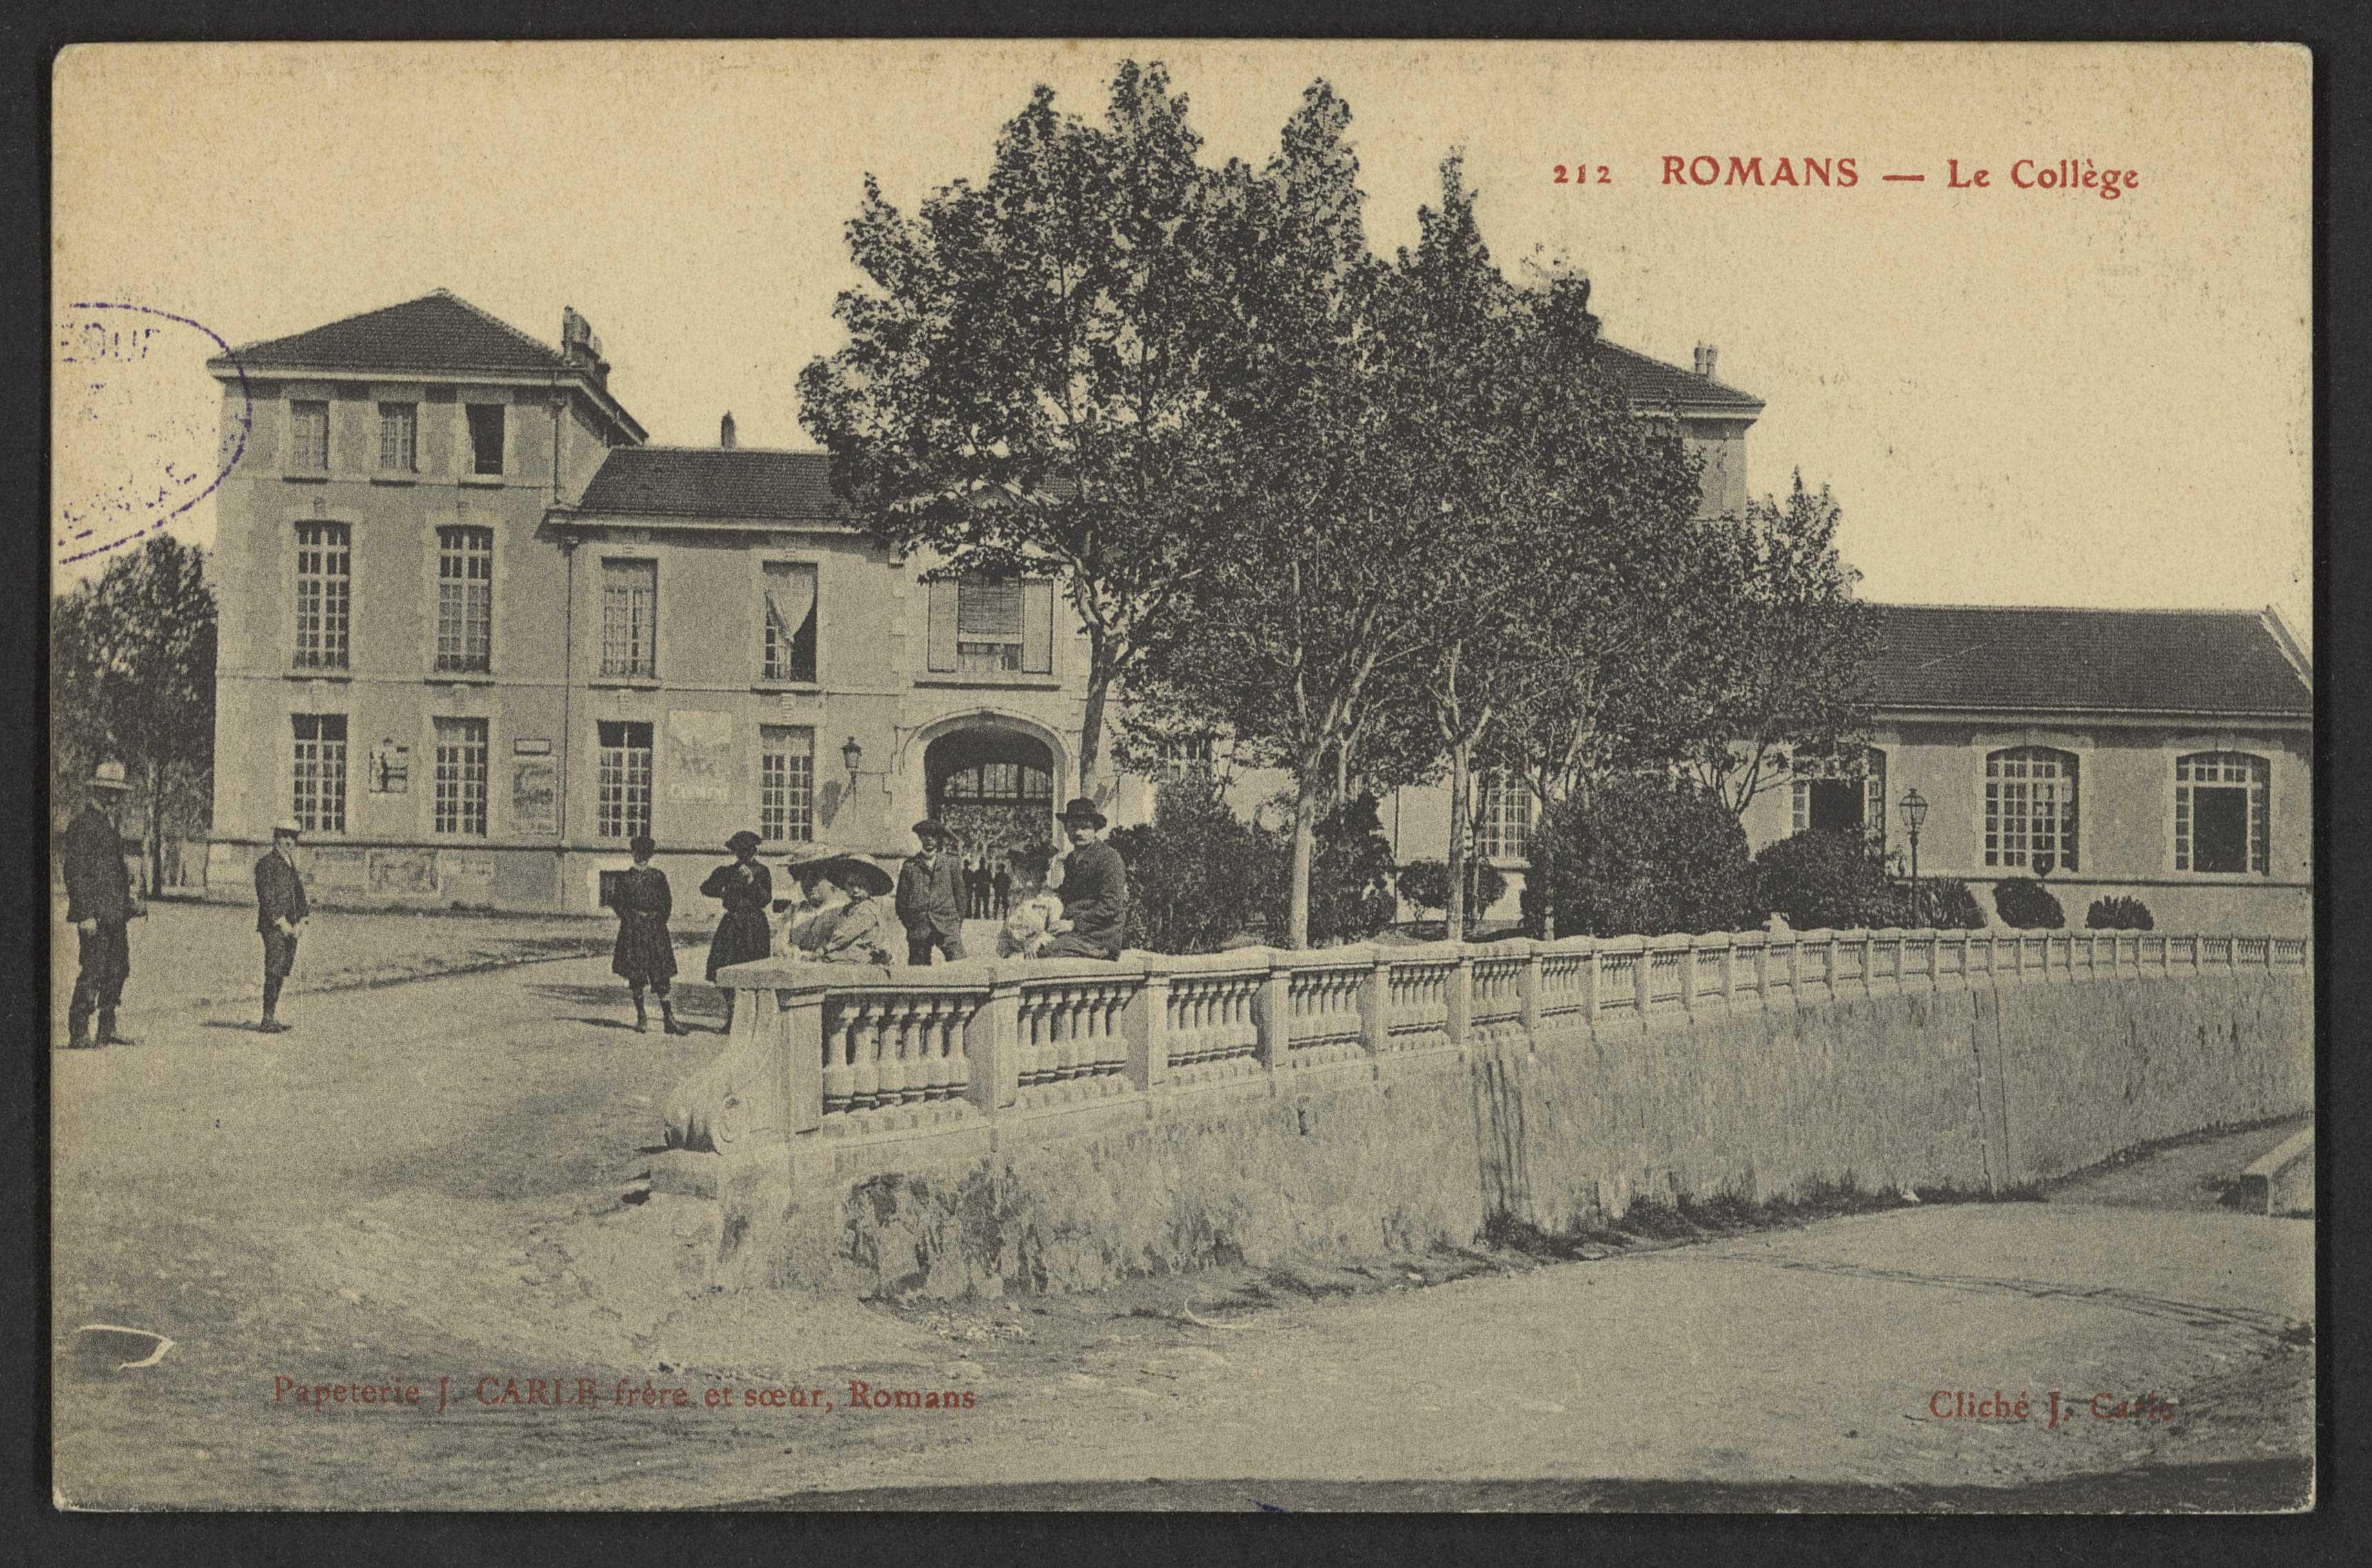 Romans - Le Collège